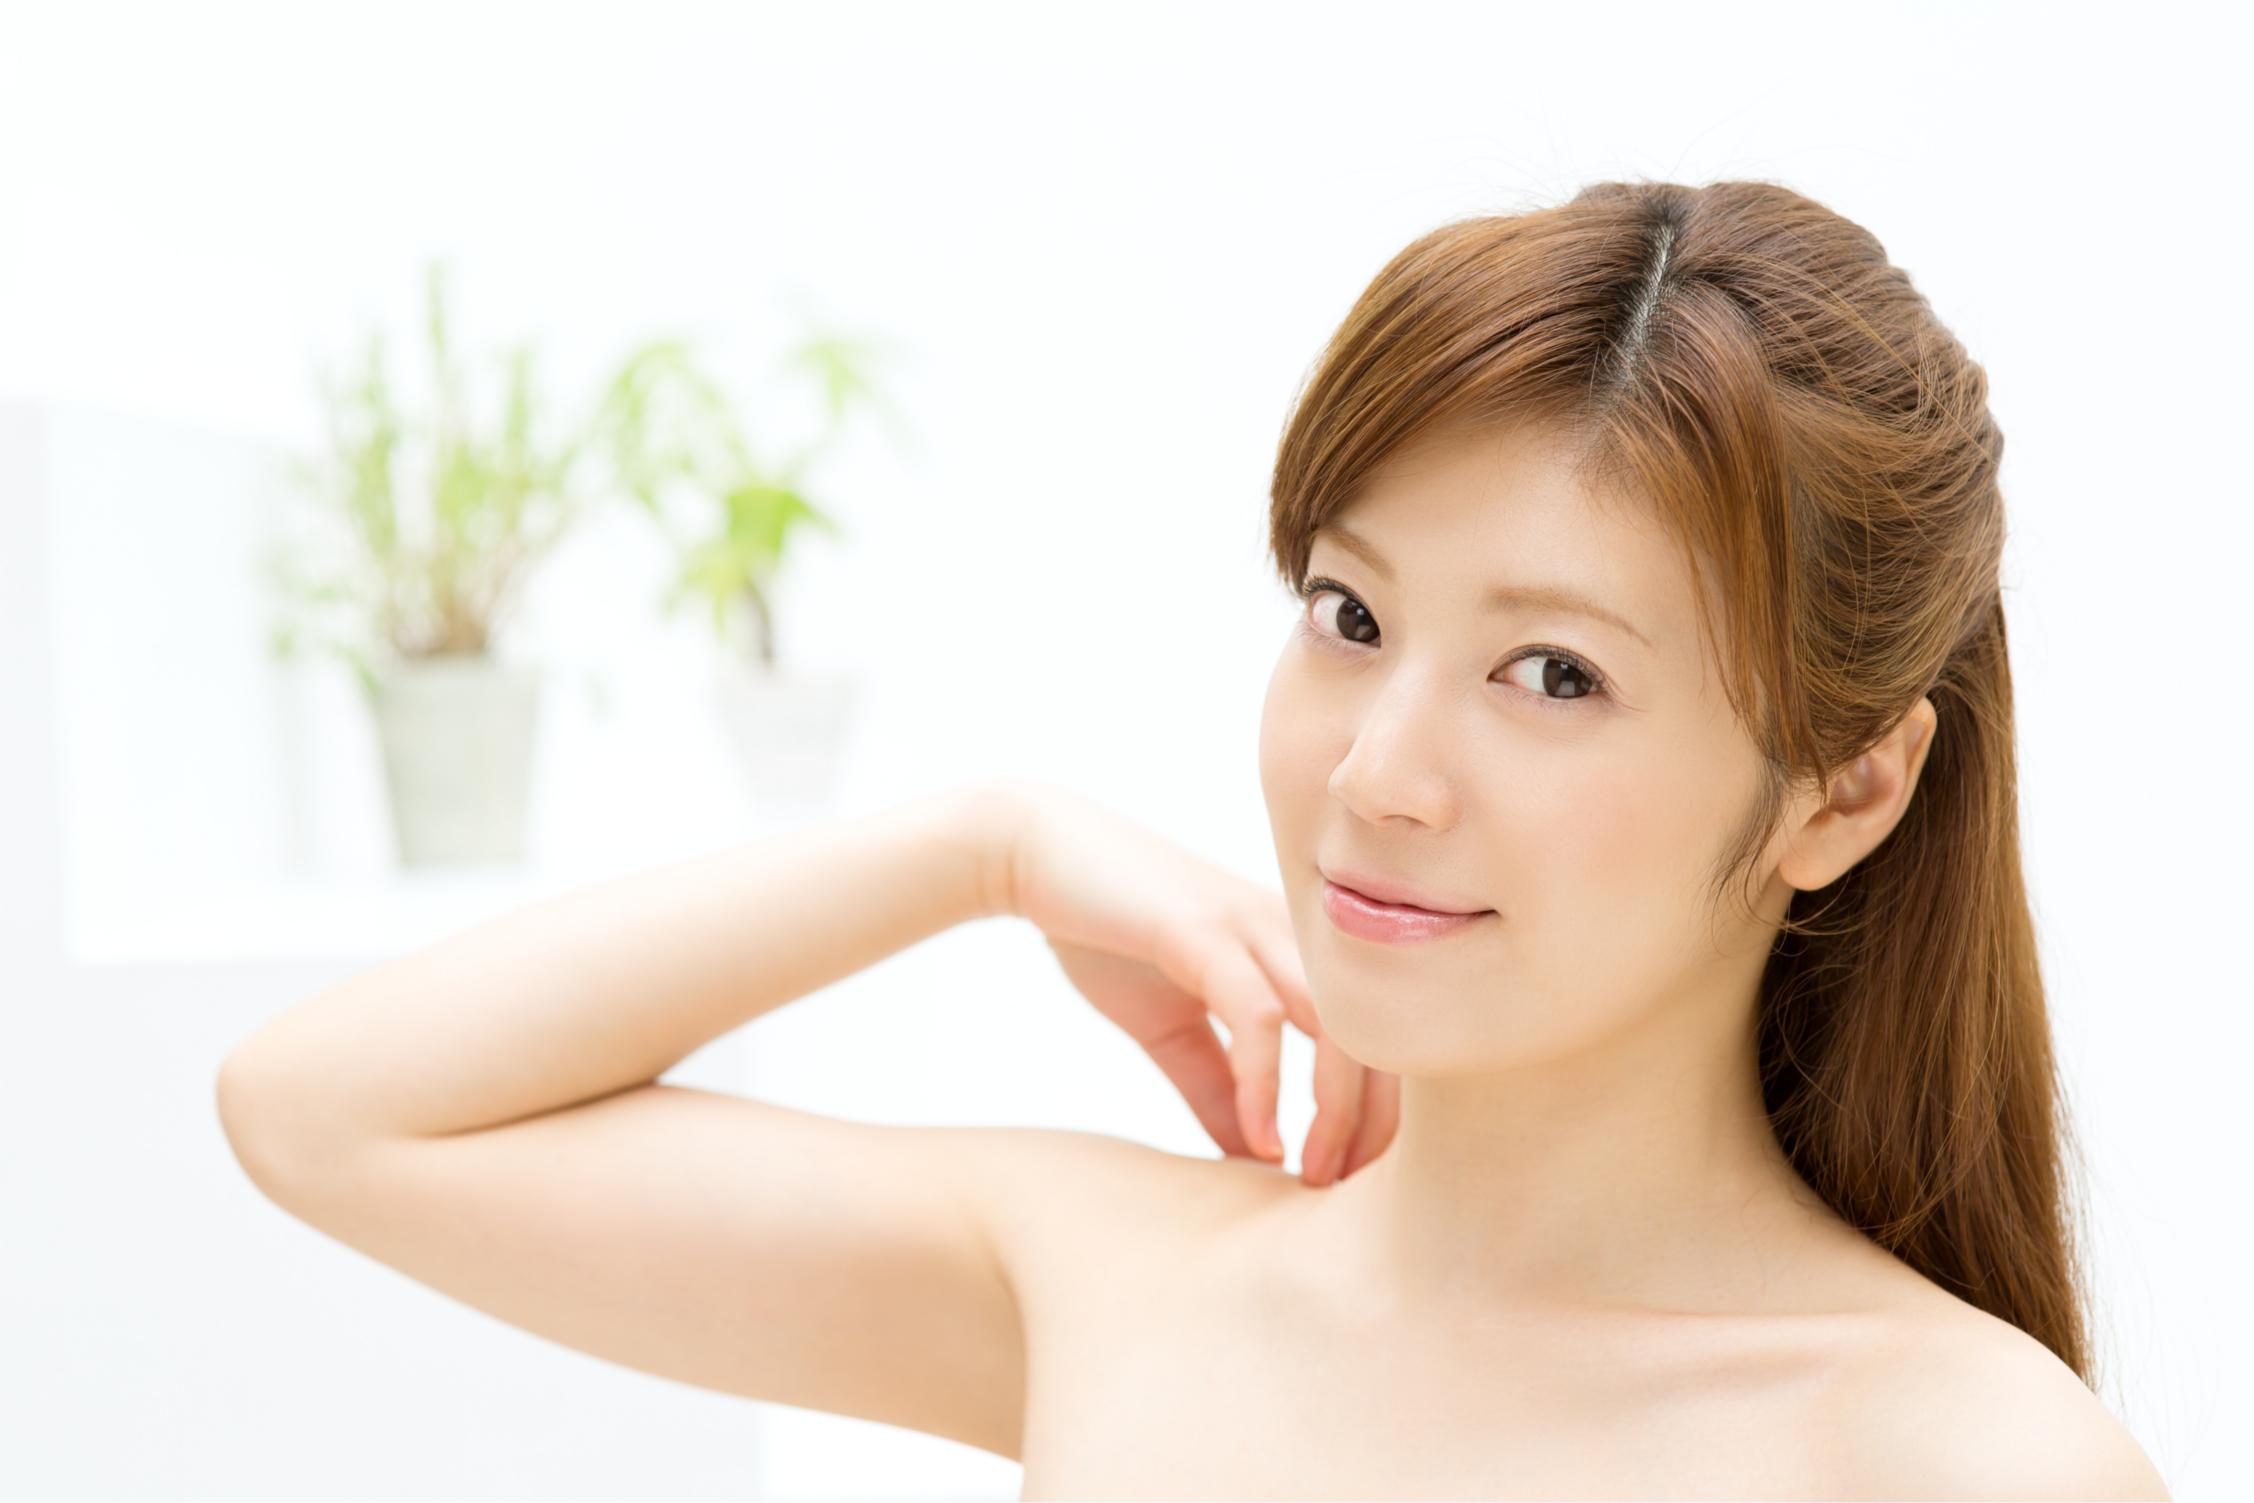 札幌でおすすめの脱毛サロンが気になる。キレイモなど大手3店舗比較!のサムネイル画像